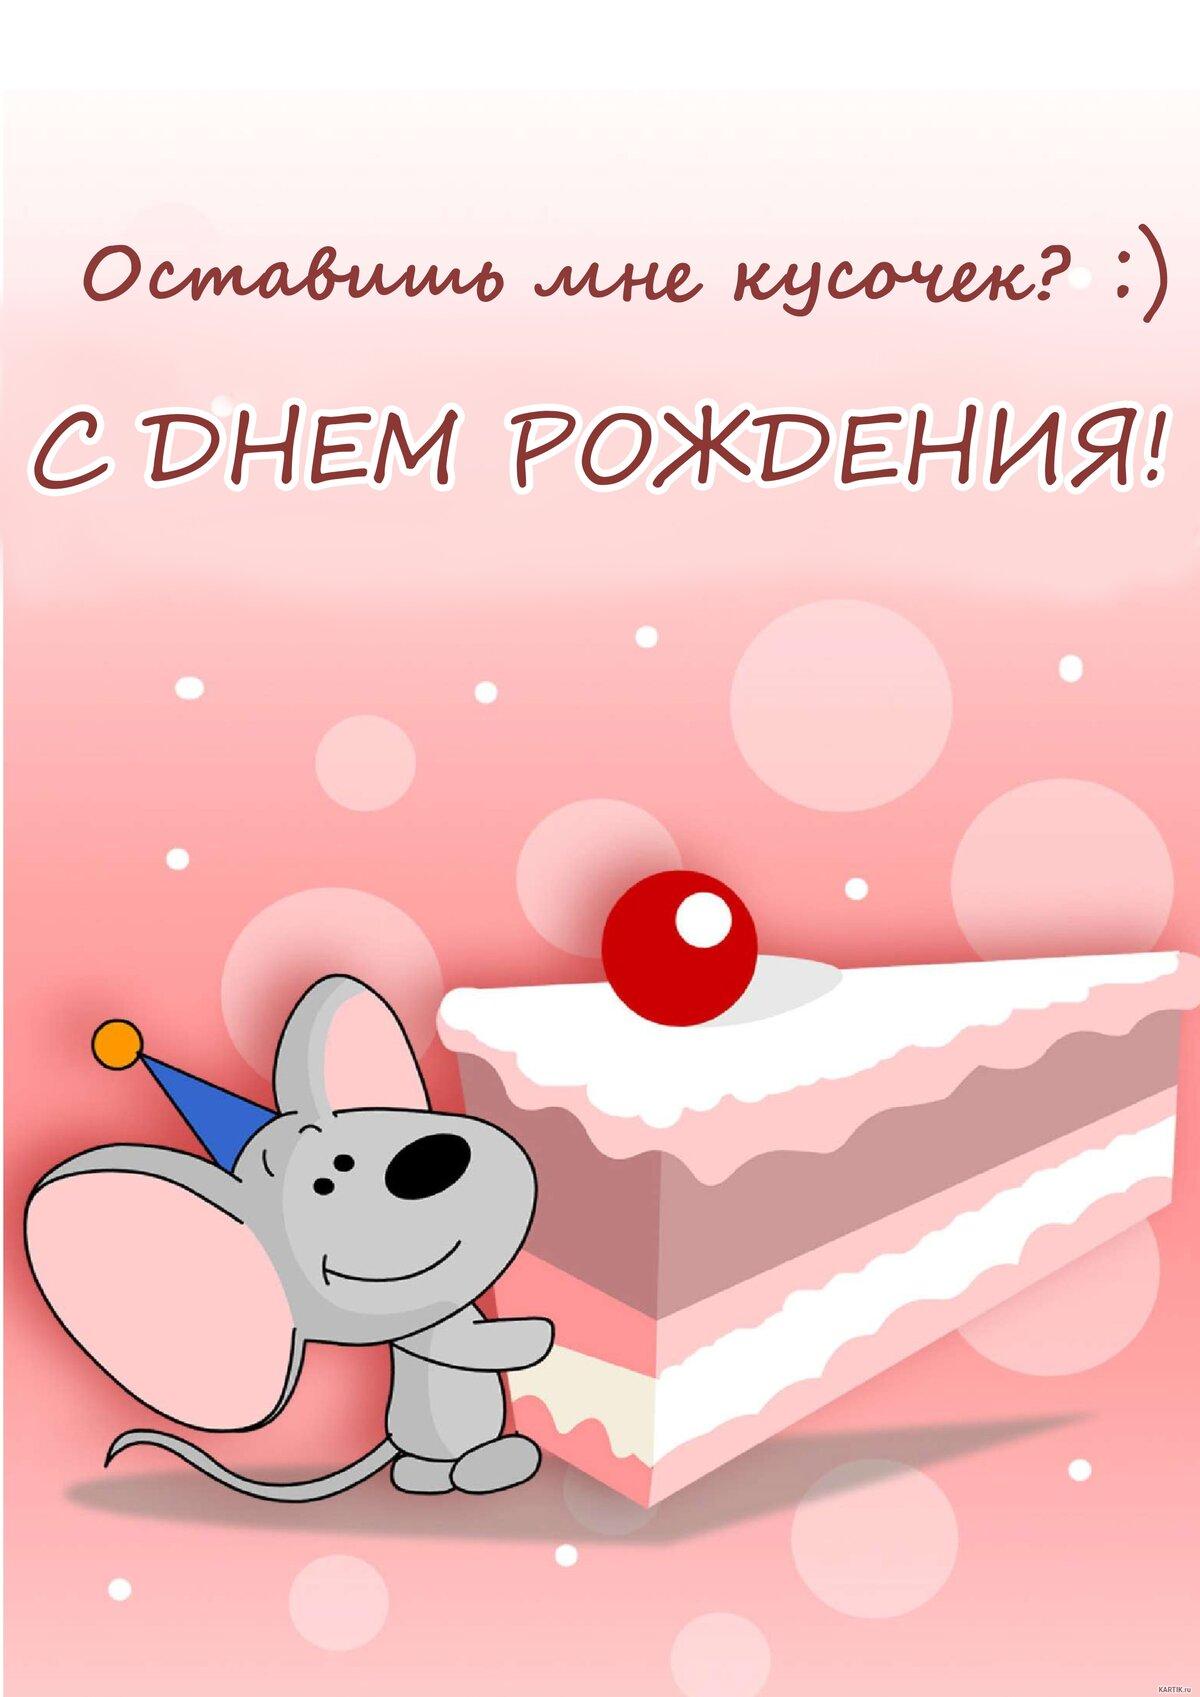 Илья муромец, веселая открытка днем рождения